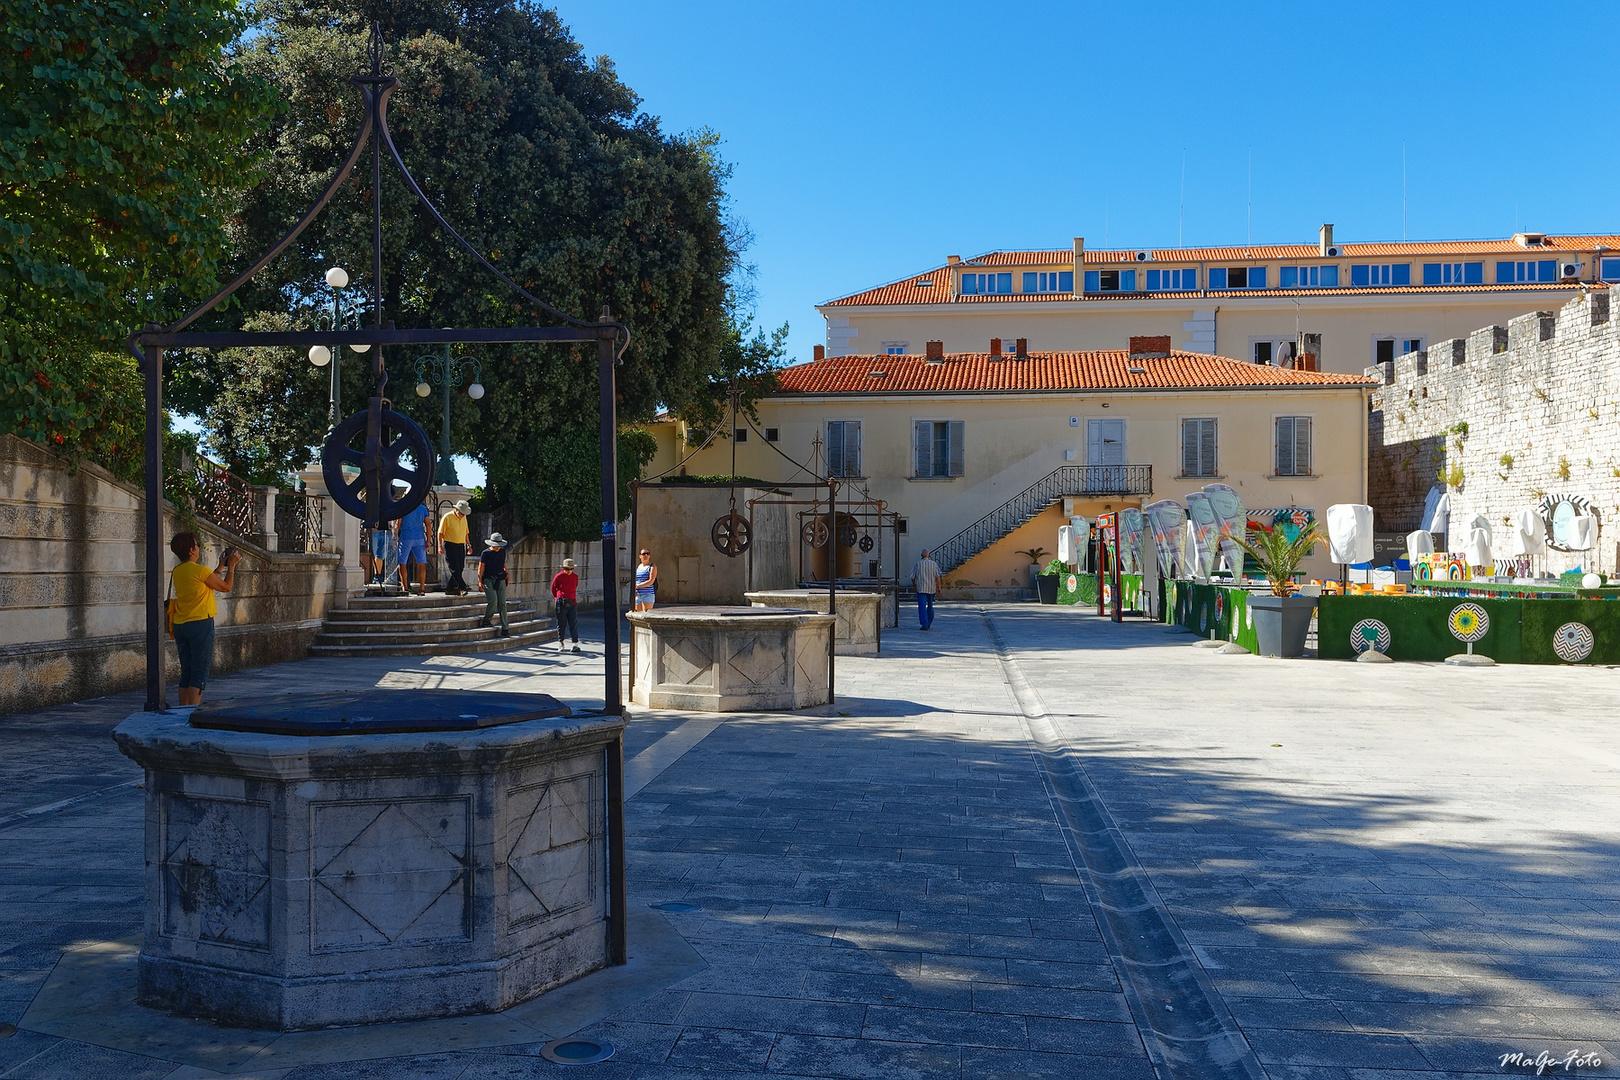 Wie Dazumal - Fünf-Brunnen-Platz in Zadar